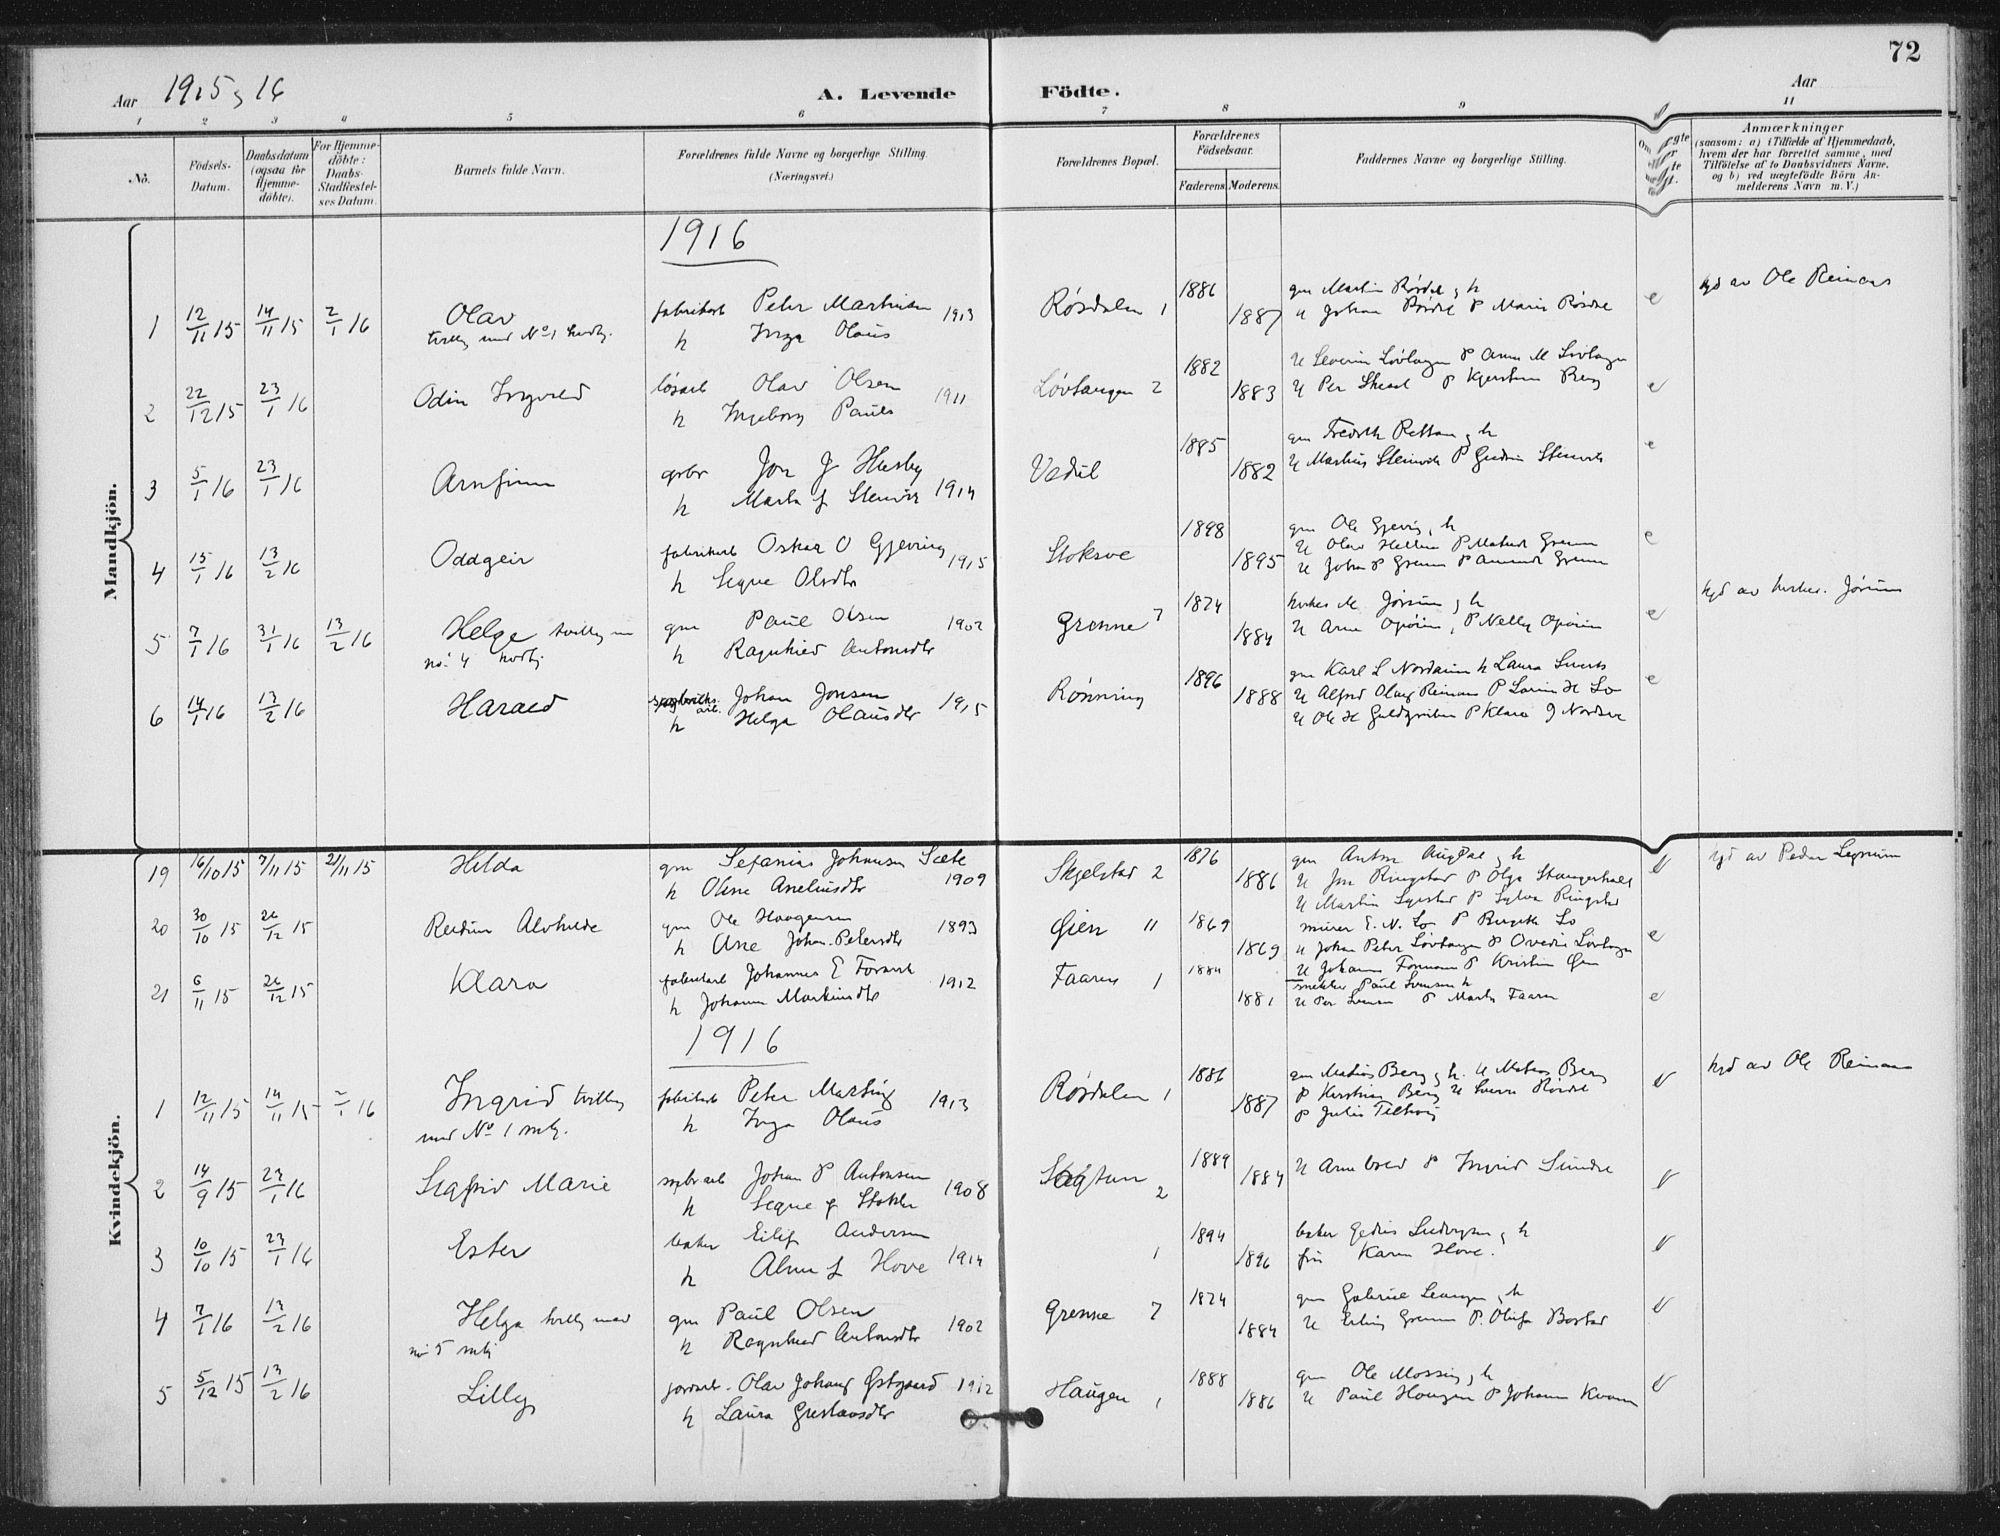 SAT, Ministerialprotokoller, klokkerbøker og fødselsregistre - Nord-Trøndelag, 714/L0131: Ministerialbok nr. 714A02, 1896-1918, s. 72